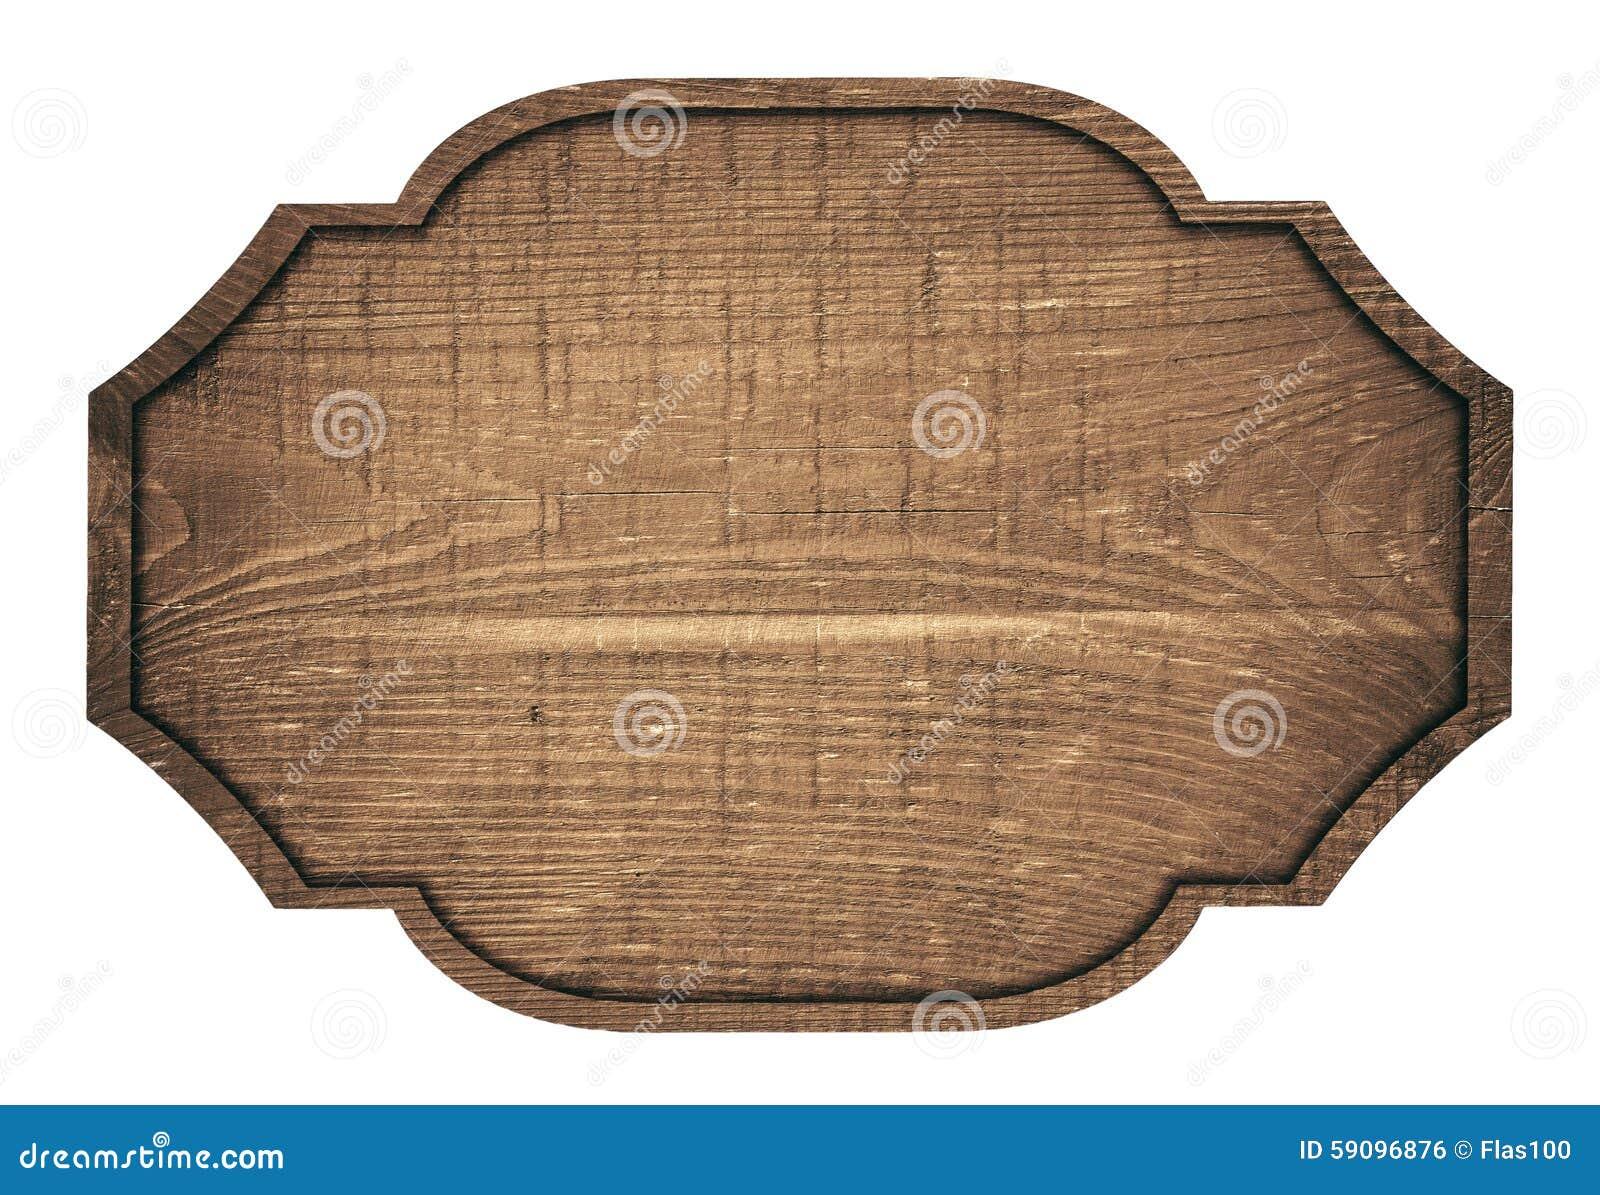 Letrero placa tabl n y oscuridad de madera de brown foto - Placa de madera ...